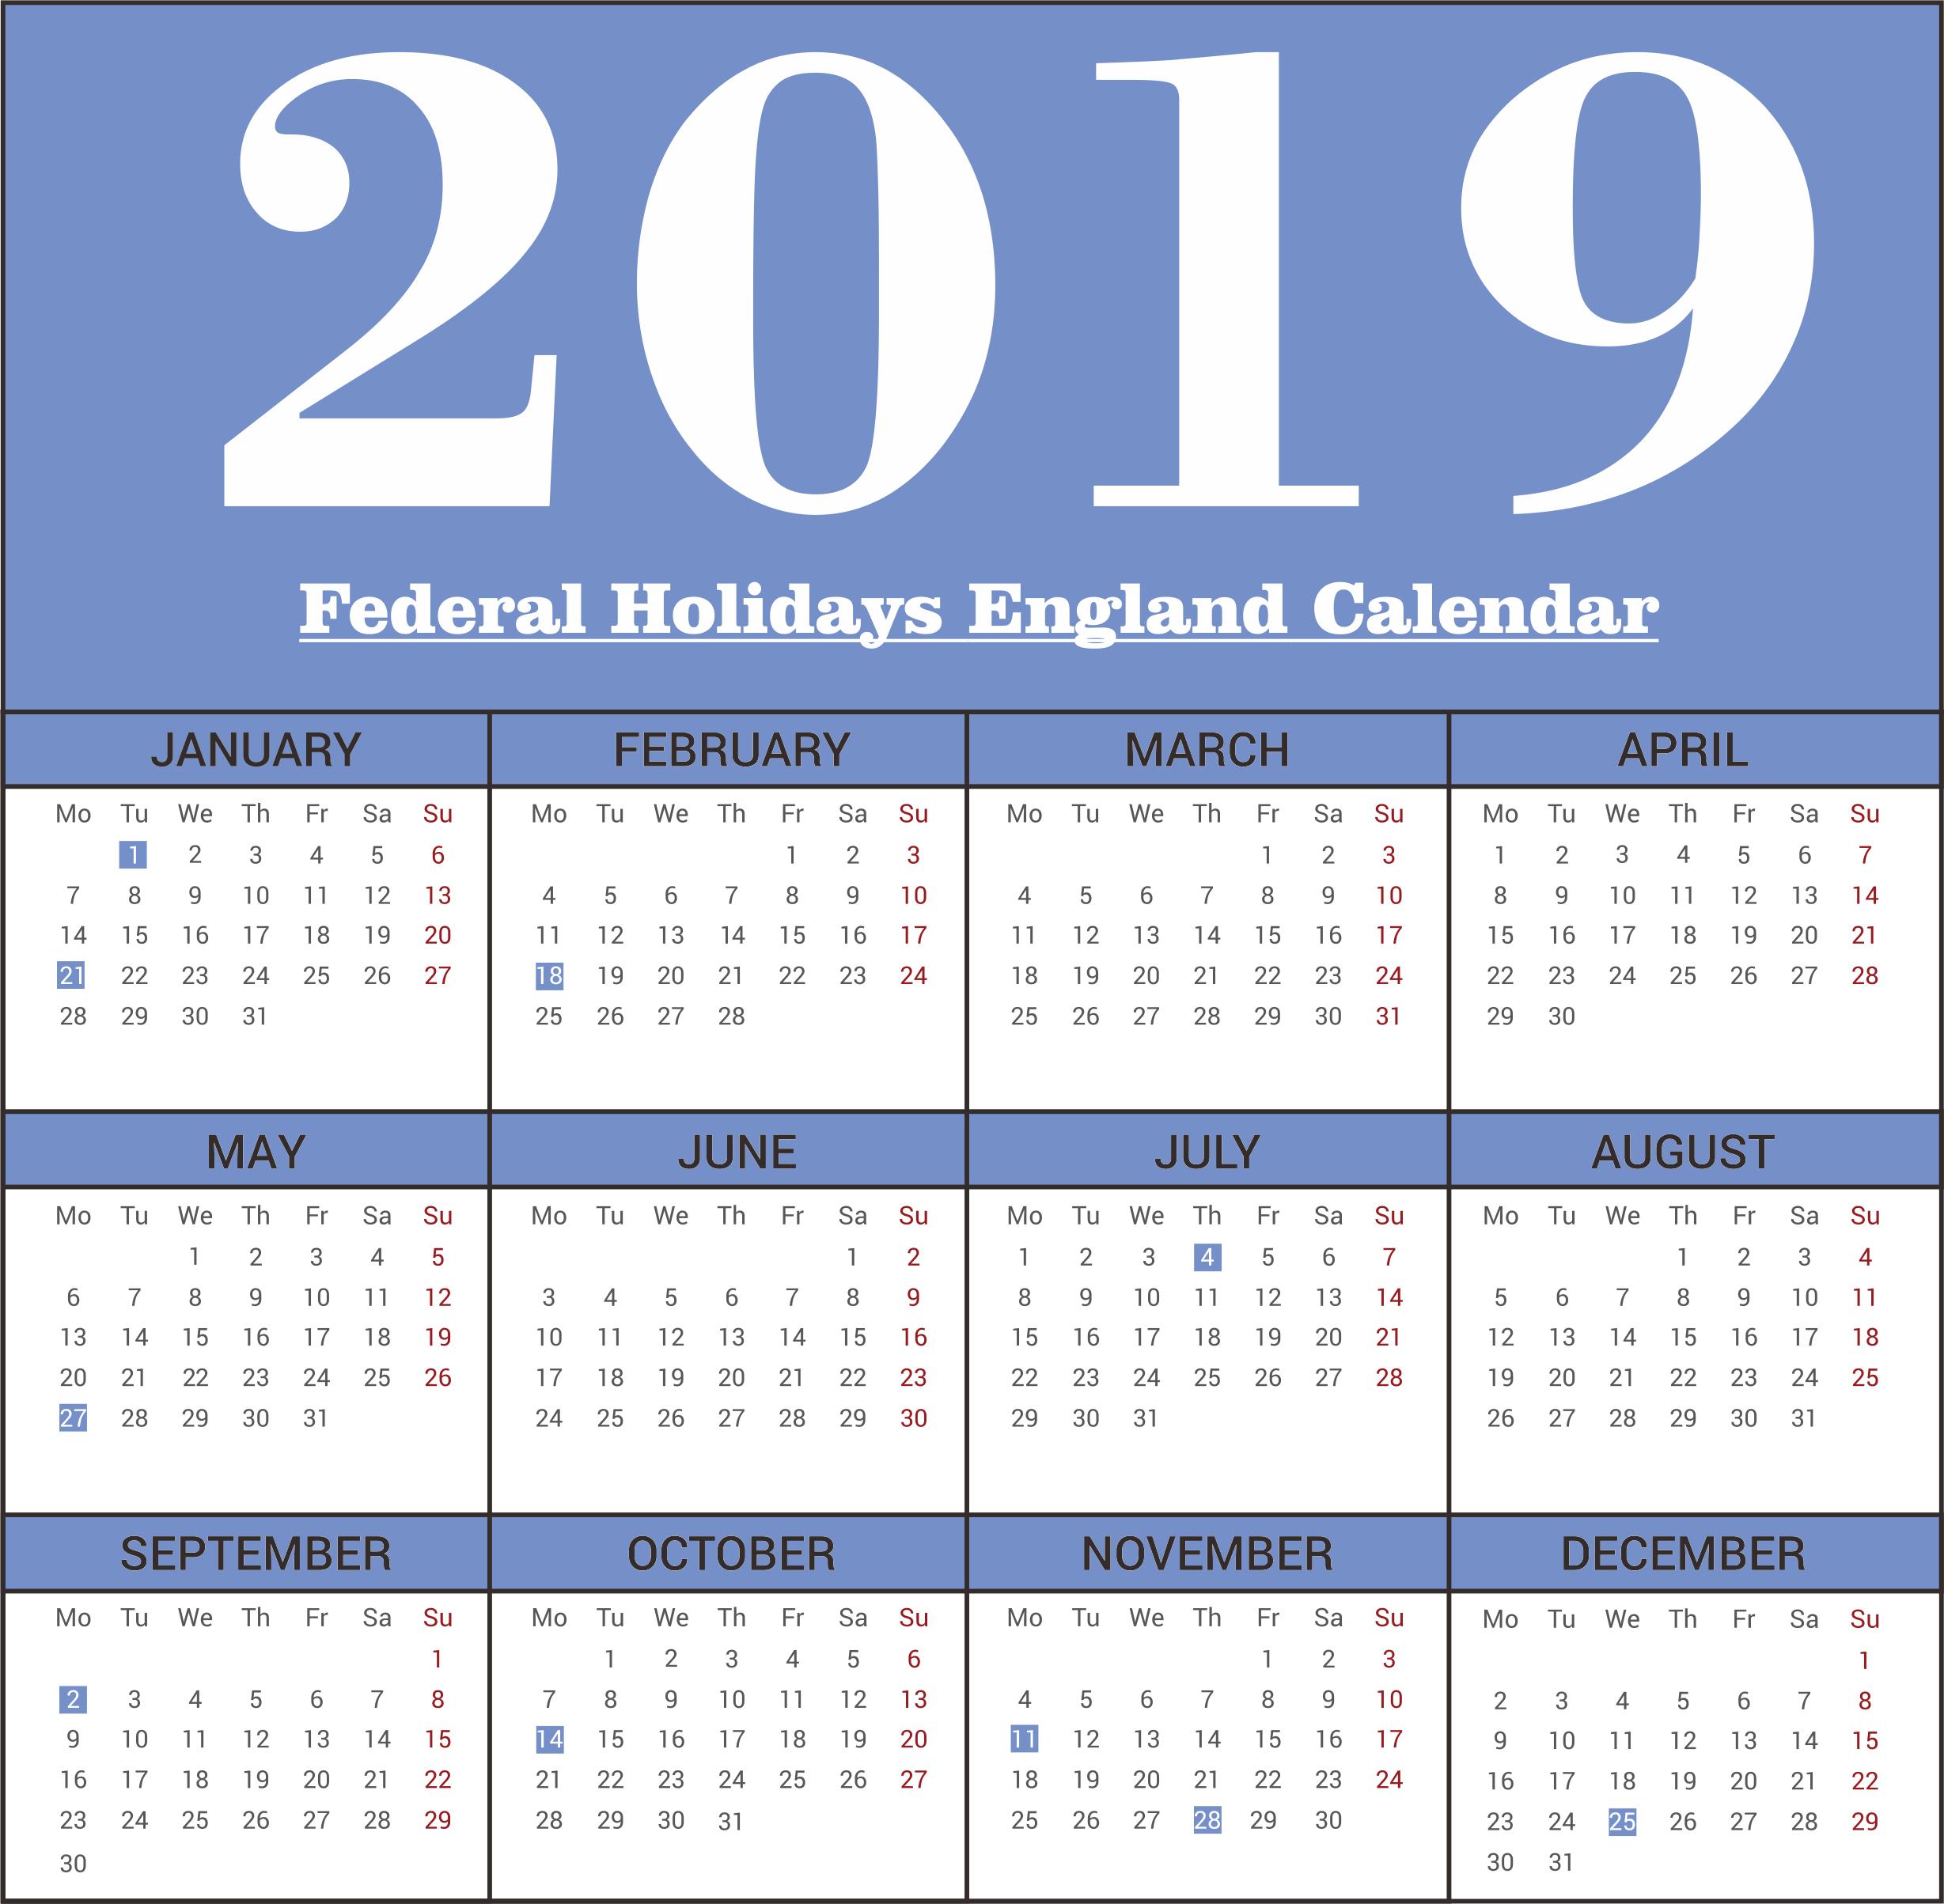 England Federal 2019 Holidays Calendar Printable   Free Desk Calendar 2019 England